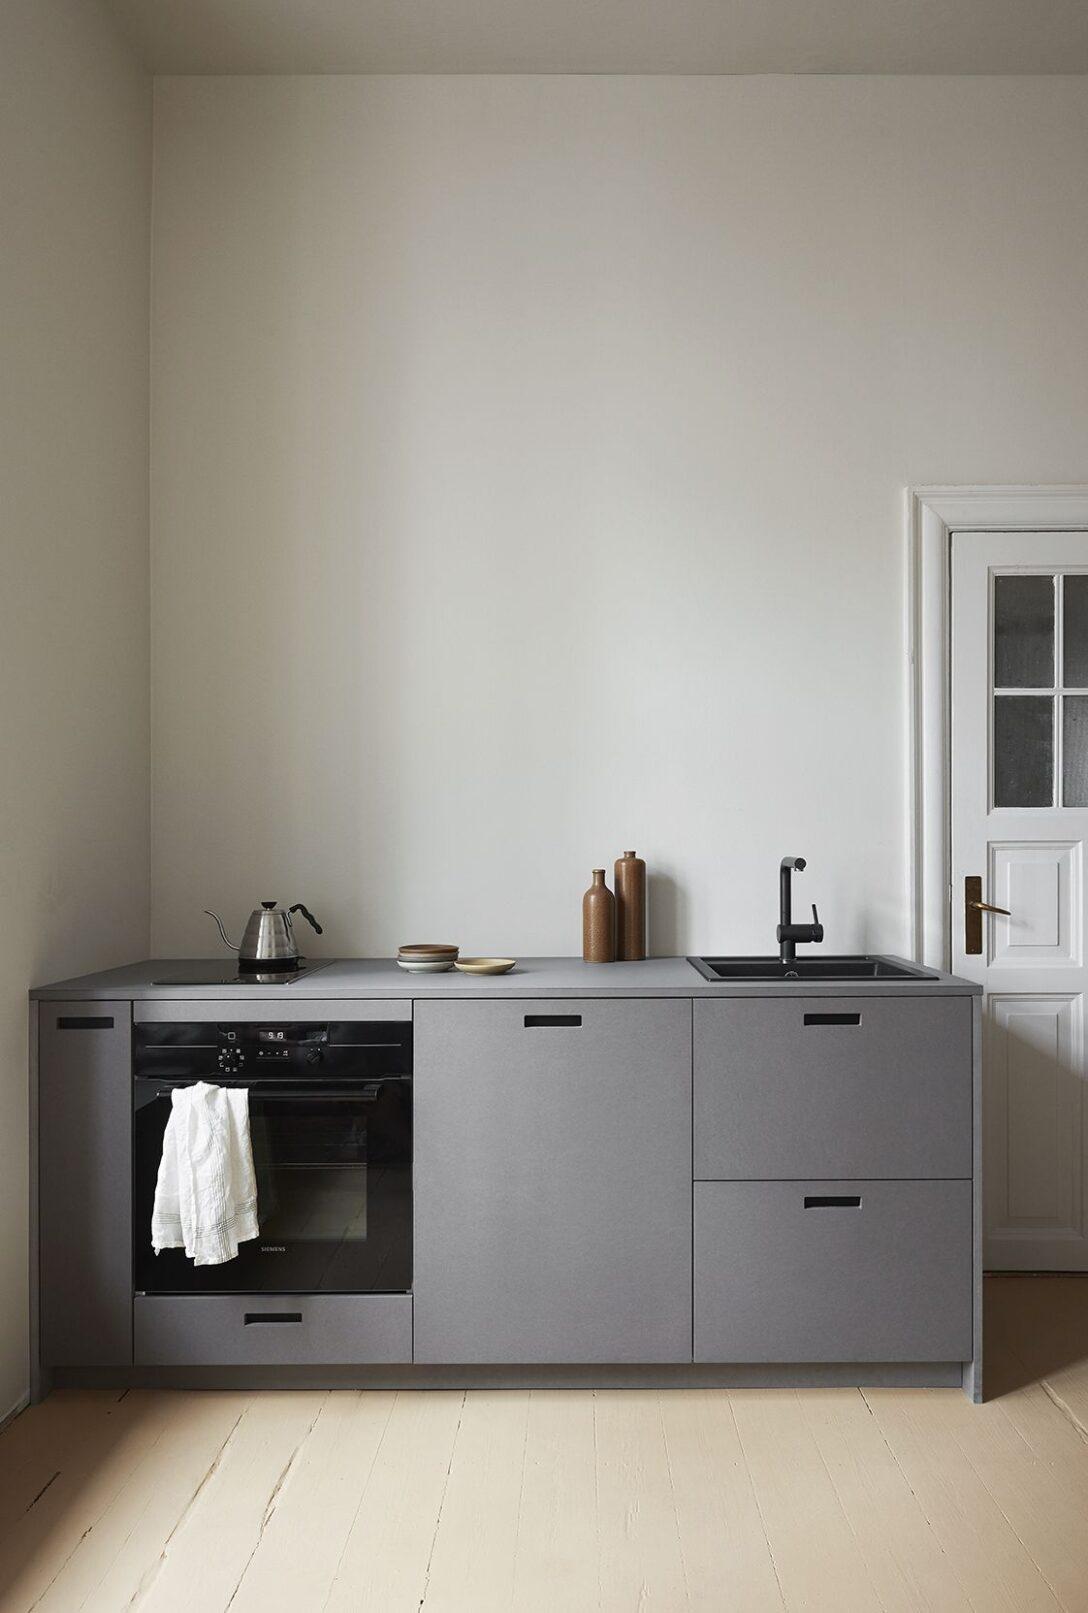 Large Size of Küche Selber Bauen Ikea Pin Von Striving For Improvement Auf A L K In 2020 Kleine Mit Geräten Bank Bett 180x200 Nolte Wasserhahn Für Vinylboden Niederdruck Wohnzimmer Küche Selber Bauen Ikea